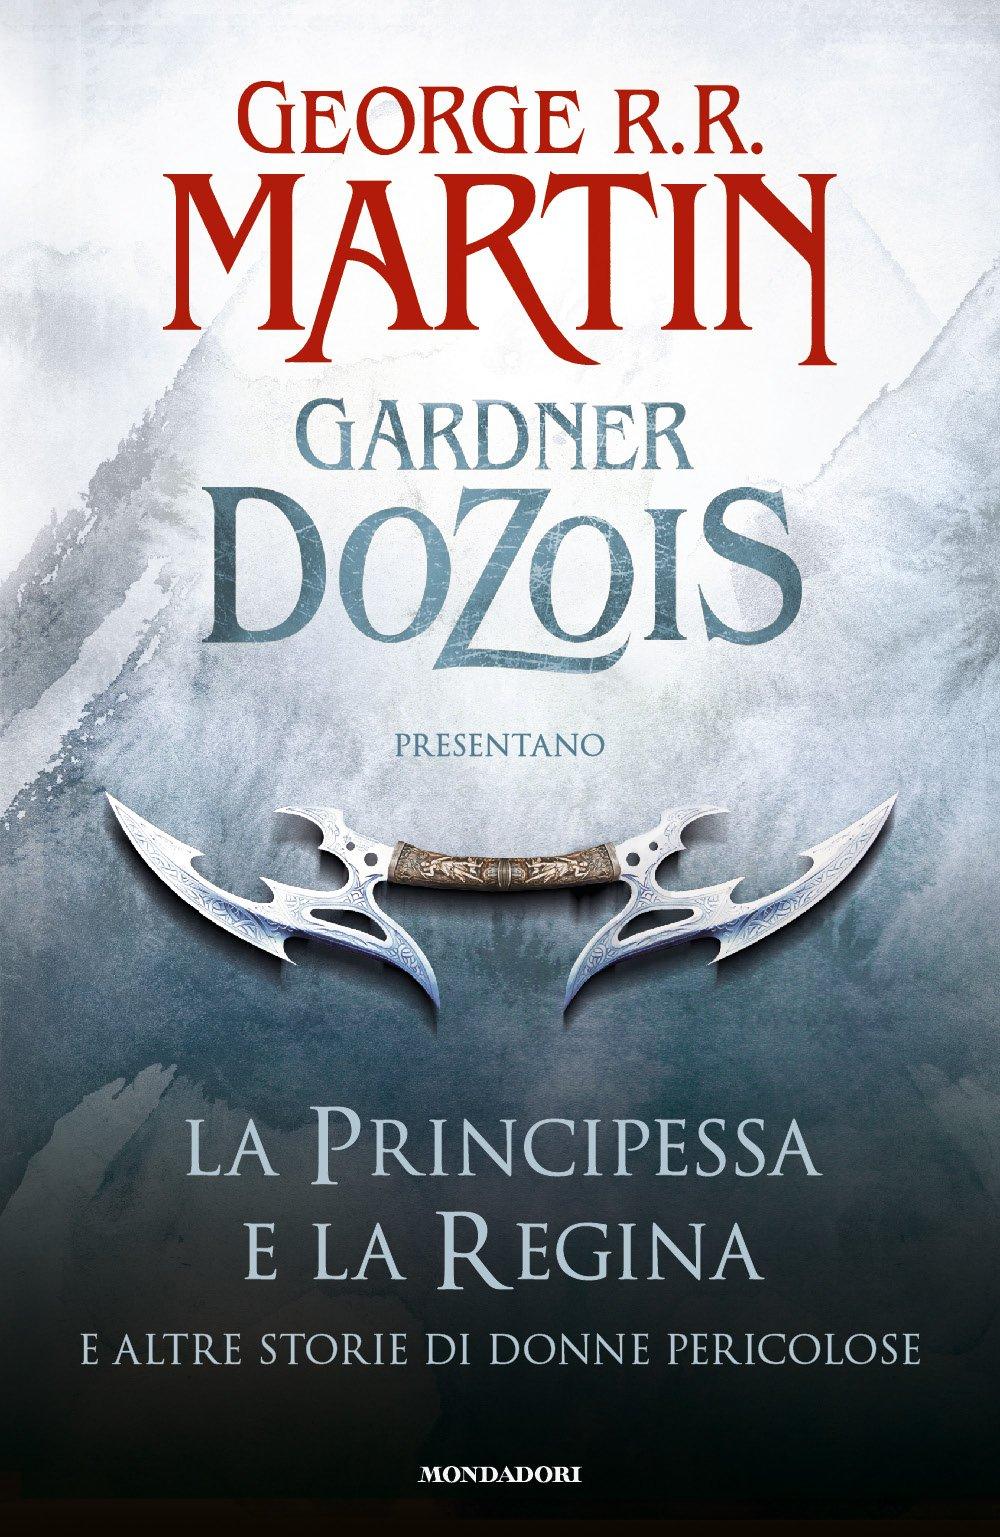 La principessa e la regina. E altre storie di donne pericolose Copertina rigida – 2 gen 2015 G. R. R. Martin G. Dozois T. Albanese S. Altieri